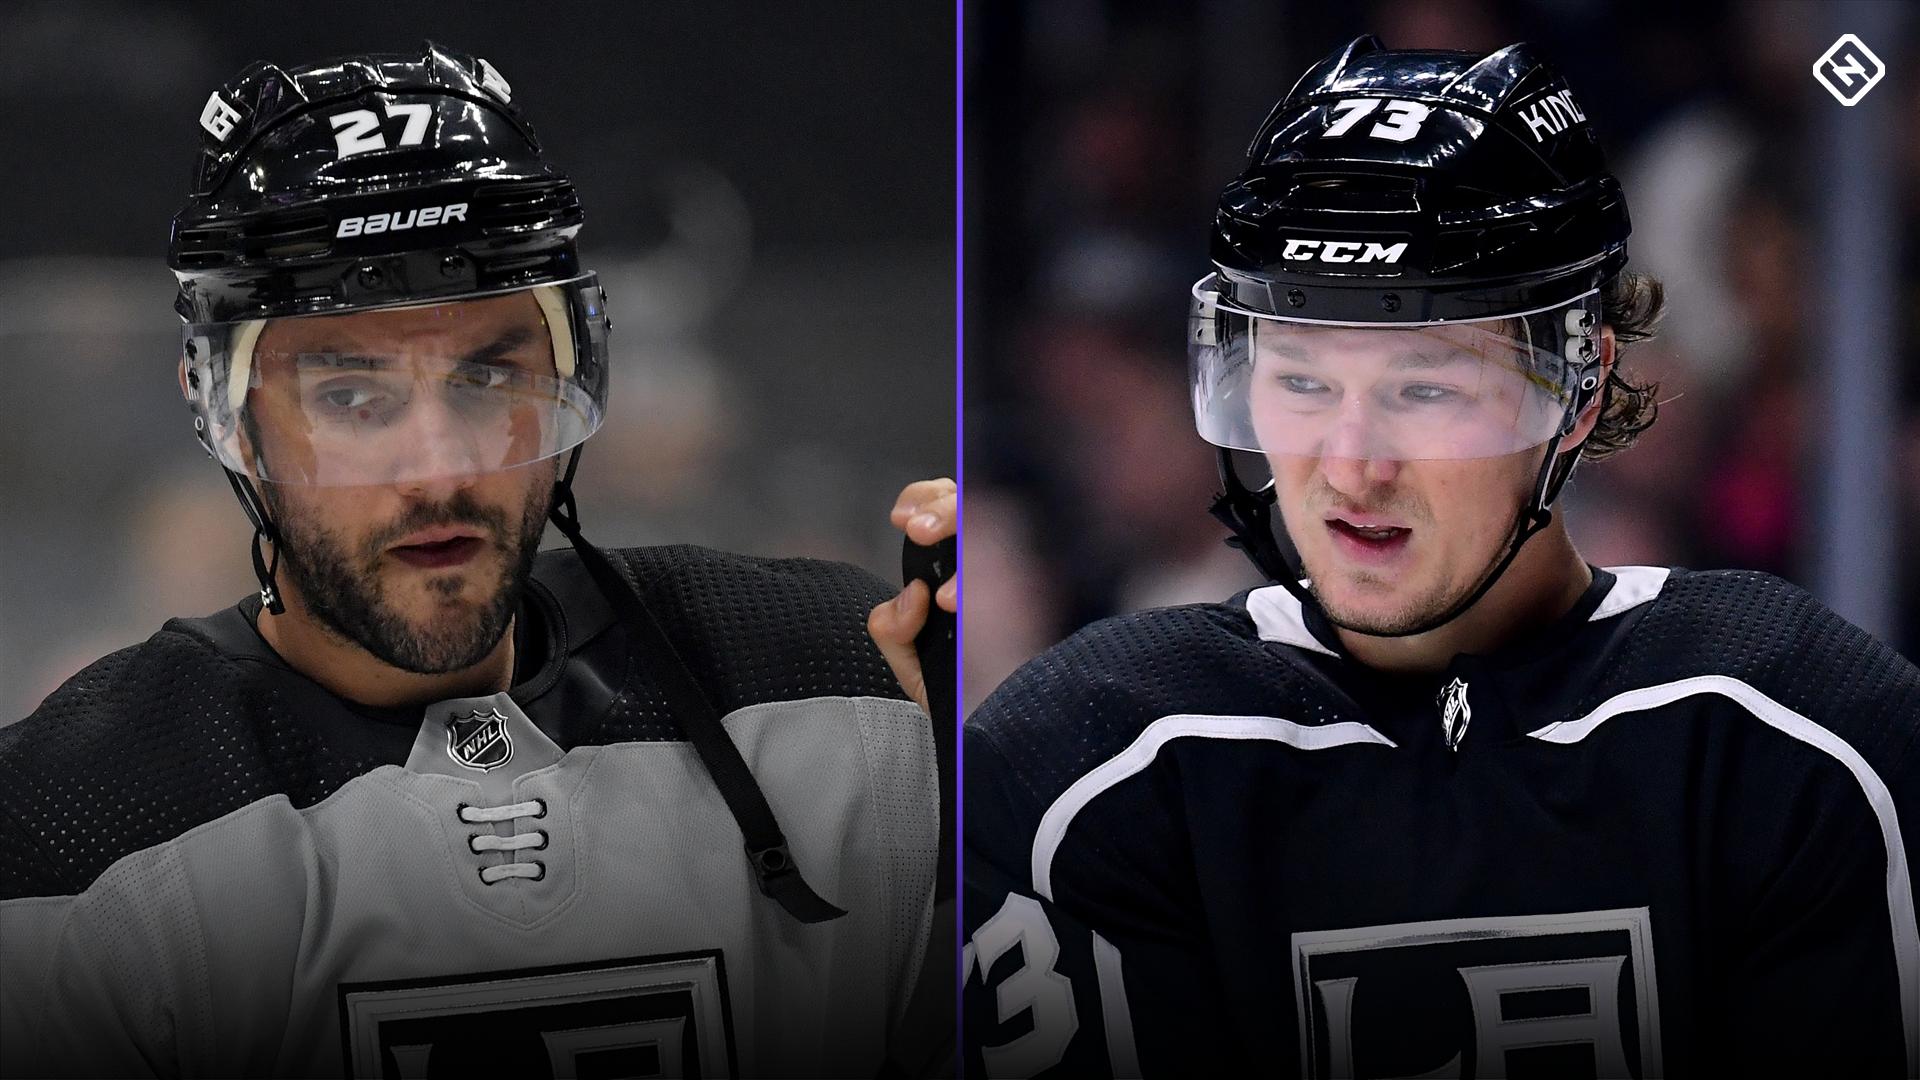 Rumores comerciales de la NHL 2020: Los Angeles Kings deberían participar, intercambiar a Alec Martínez y Tyler Toffoli 2